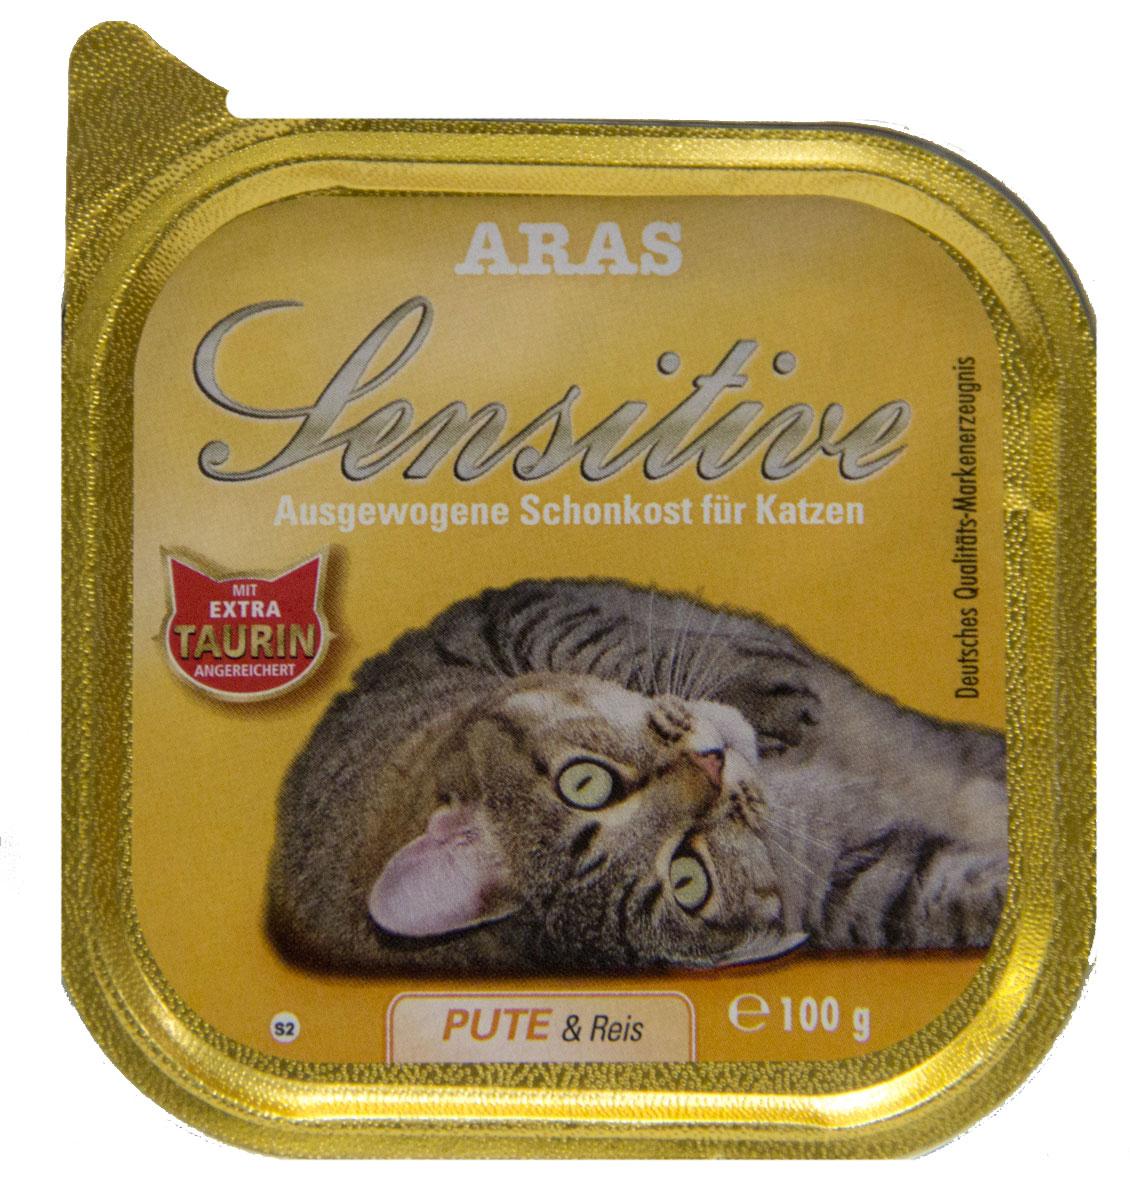 Консервы Aras Sensitive для кошек с чувствительным пищеварением, с индейкой и рисом, 100 г504102Консервы Aras Sensitive - натуральное диетическое питание пониженной калорийности для кошек всех пород с чувствительным пищеварением, пожилых или с избыточным весом. Также идеально подходит для кошек с проблемами пищеварения и аллергиями. Особенности корма: - Приготовлен из стопроцентного мяса индейки или баранины - Без химических красителей, усилителей вкуса - Без искусственных консервантов - Без химических добавок - Со стопроцентным рисом - единственным источником углеводов - Исключительно из свежих ингредиентов - При производстве максимально сохранены витамины - Гарантия свежести - Дополнительная порция таурина - Диетическое питание пониженной калорийности Состав: свежее мясо индейки и субпродукты 98%, рис 1%, минералы 1%, таурин 150 мг/кг. Пищевая ценность: белки 8,1%, жиры 3,9%, зола 2,5%, клетчатка 0,3%, влажность 79,9%. Товар сертифицирован.